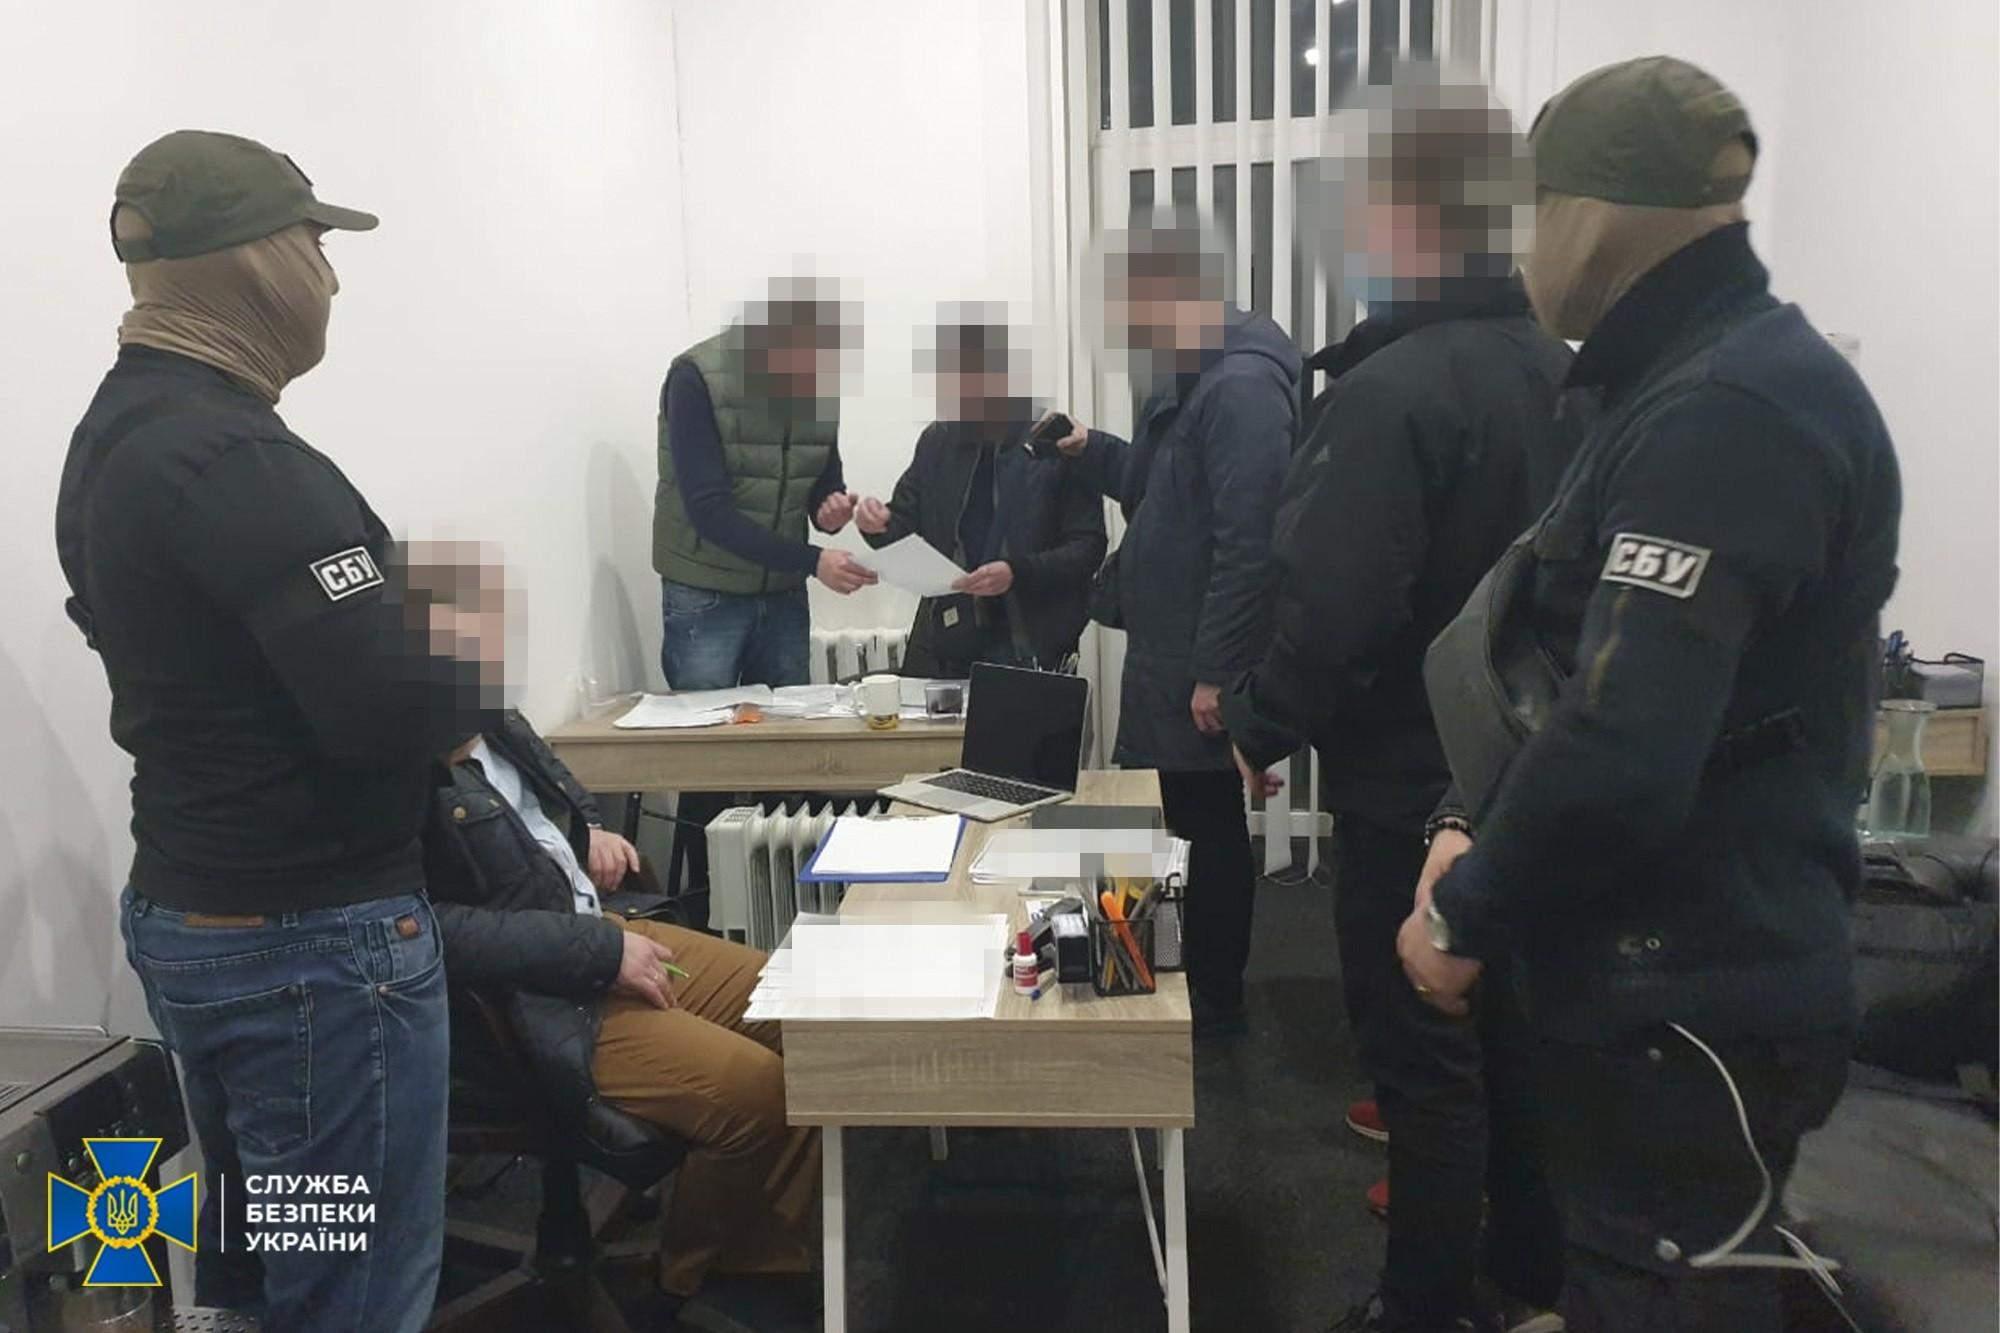 СБУ затримало злочинців, які зламали закритий реєстр судових рішень